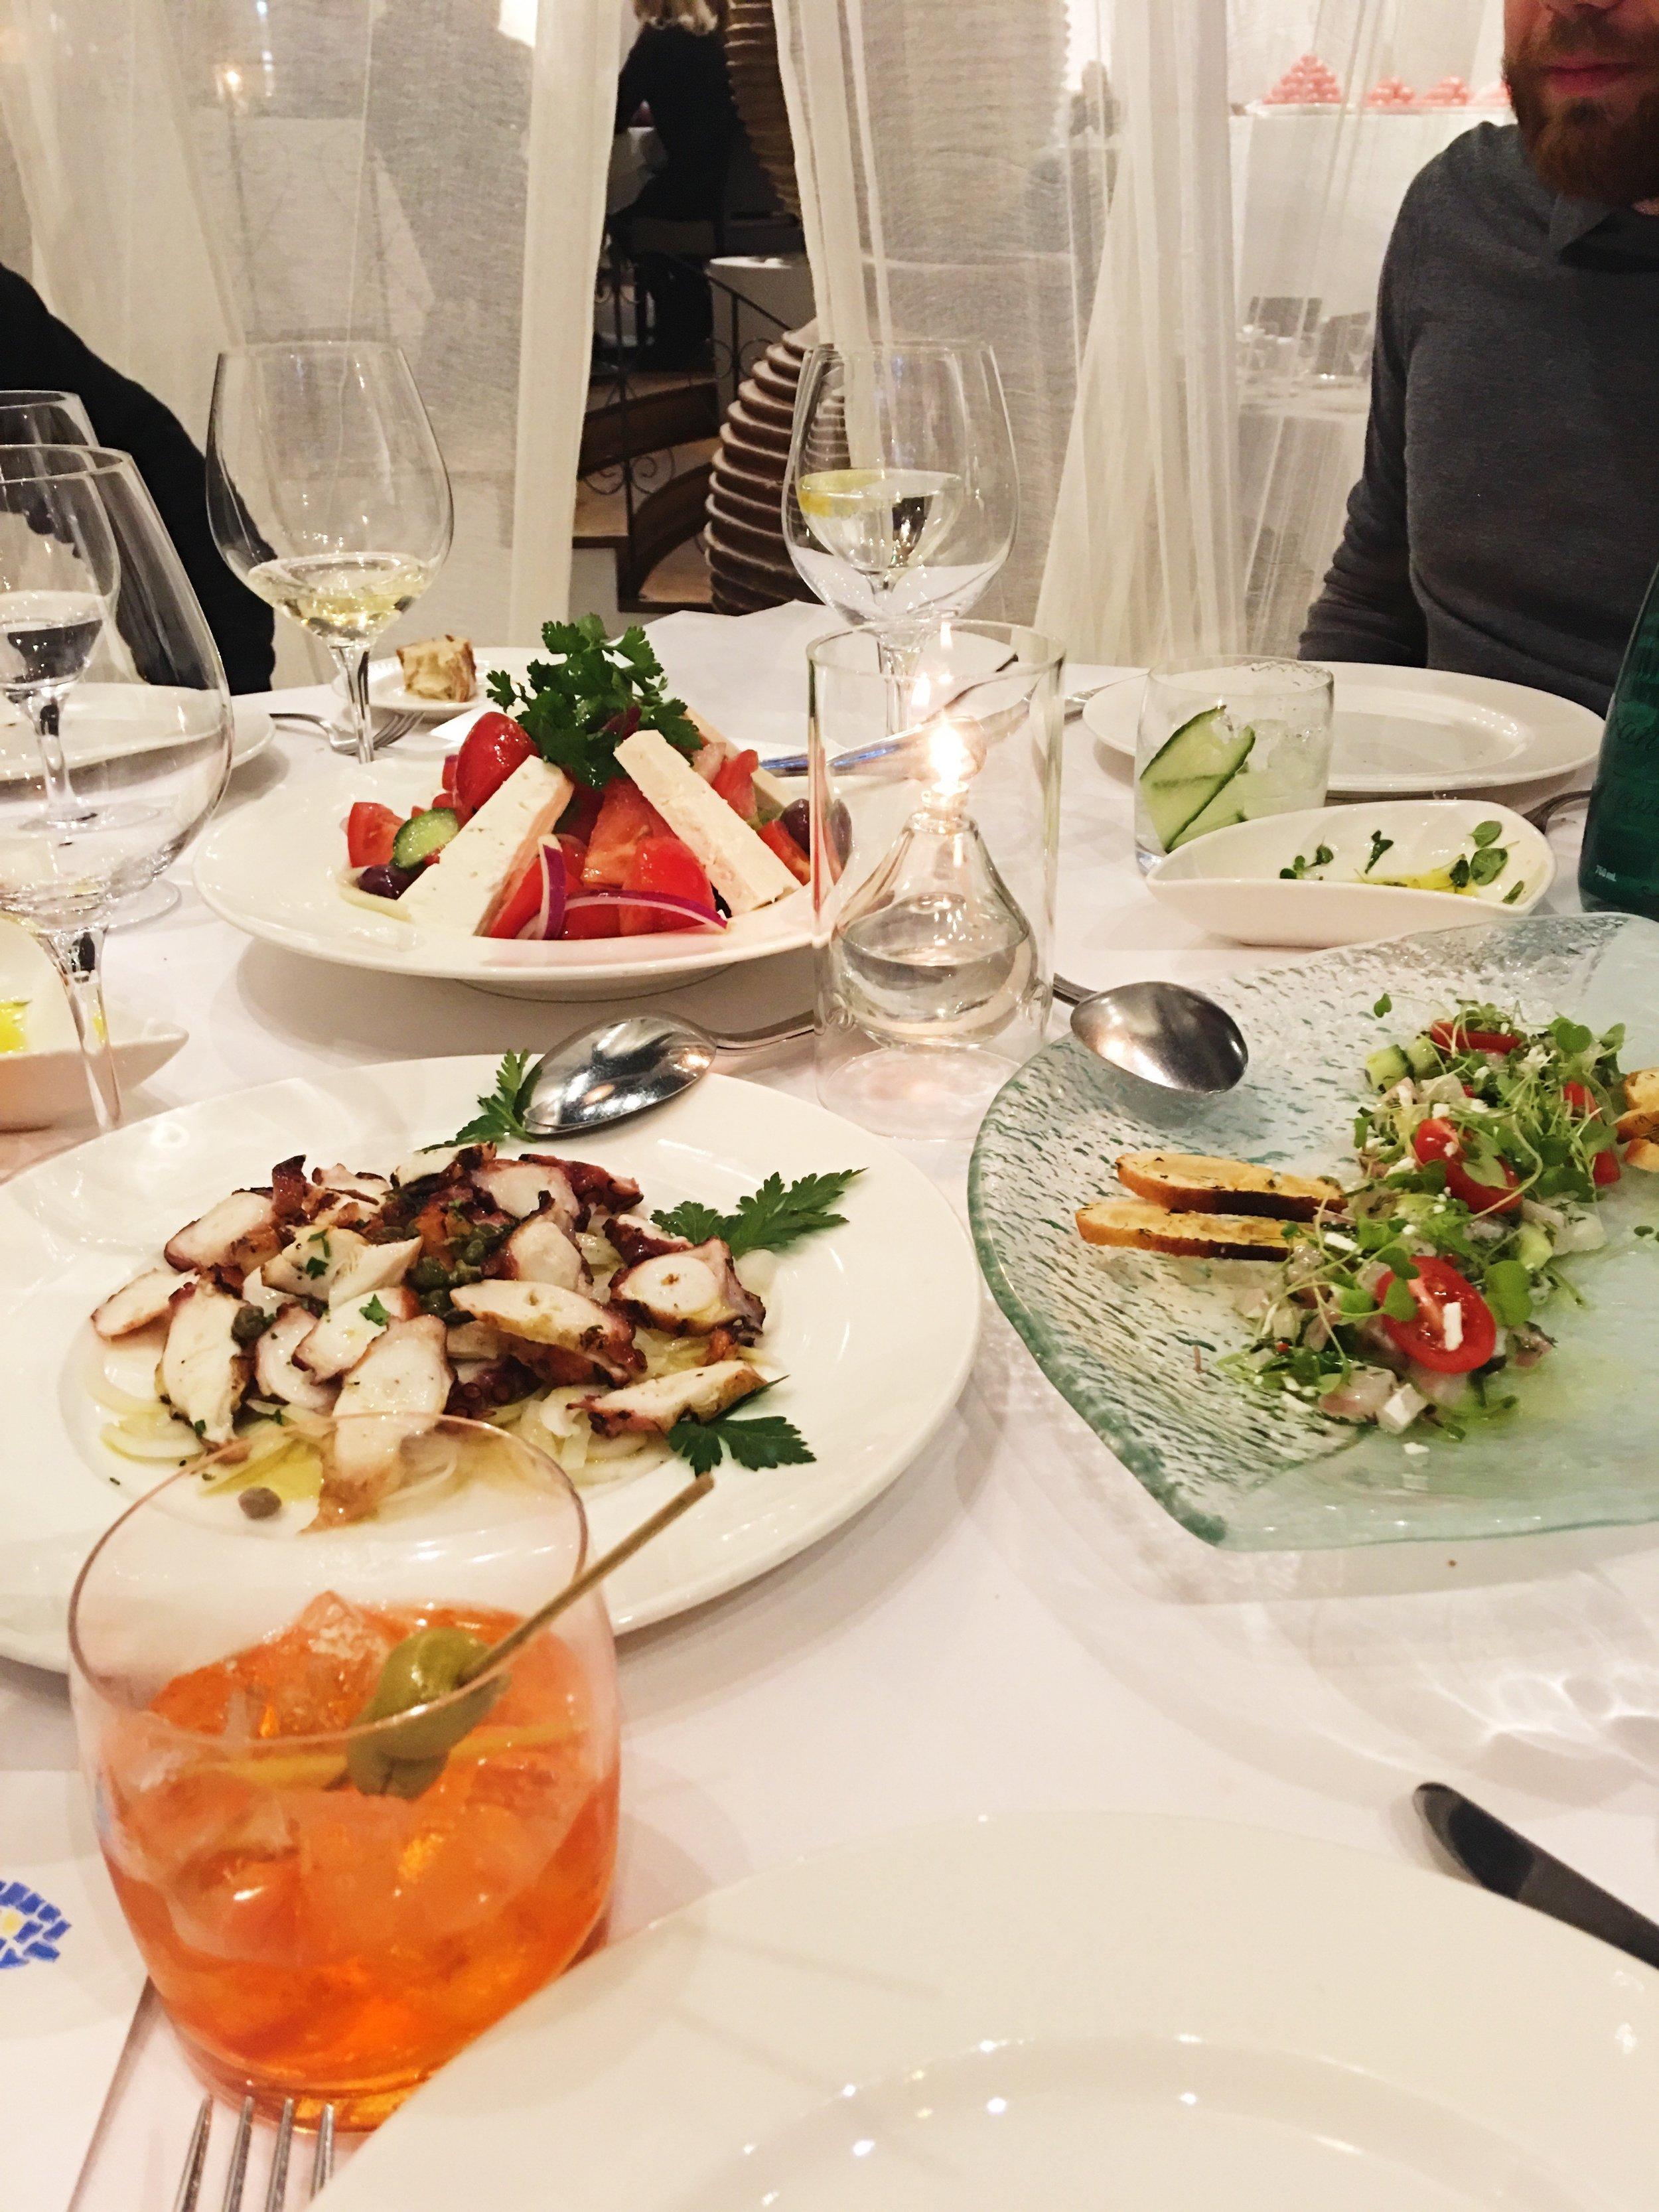 Pieuvre, salade grecque et ceviche -Crédit photo : Juliette Cordeau